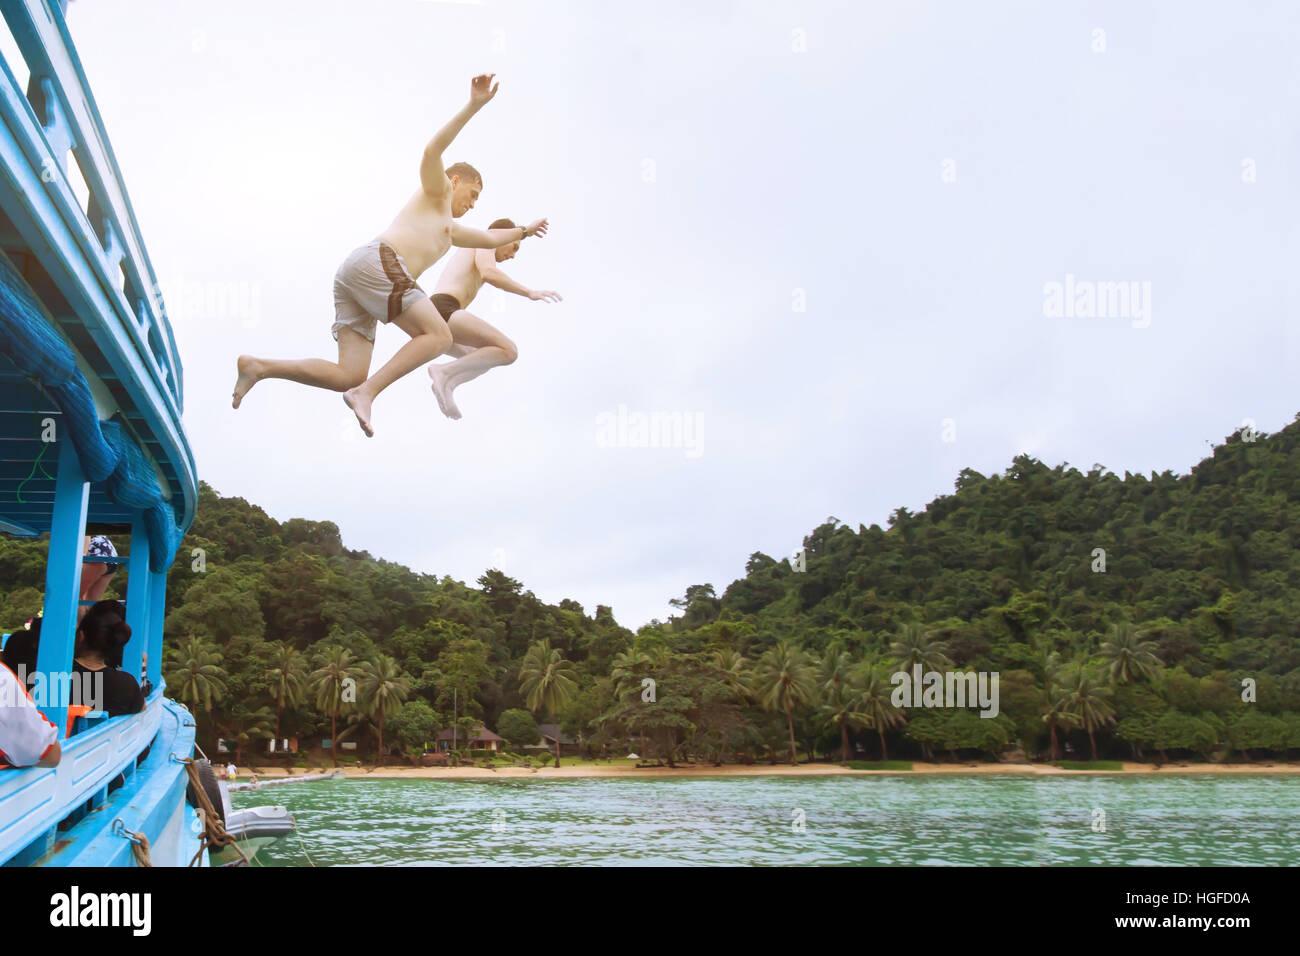 Freunde, die einen Sprung ins Meer von Boot, haben Spaß zusammen, Strand tropisches Abenteuer, Adrenalin Stockbild